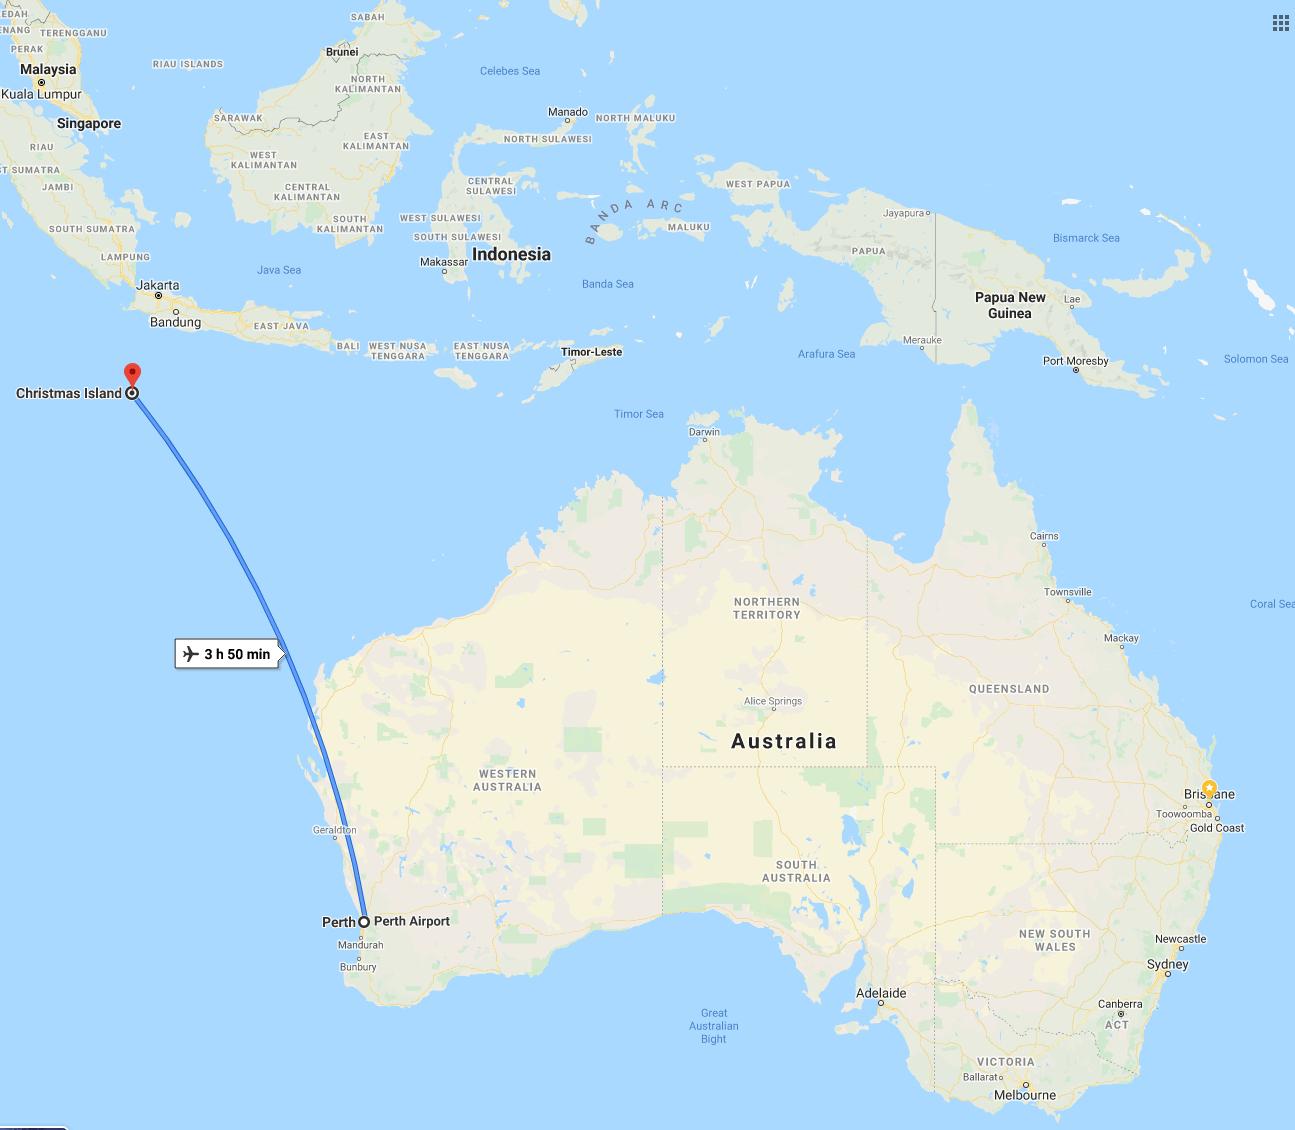 コロナウイルスの猛威、オーストラリア政府の武漢帰還者クリスマス島への隔離計画